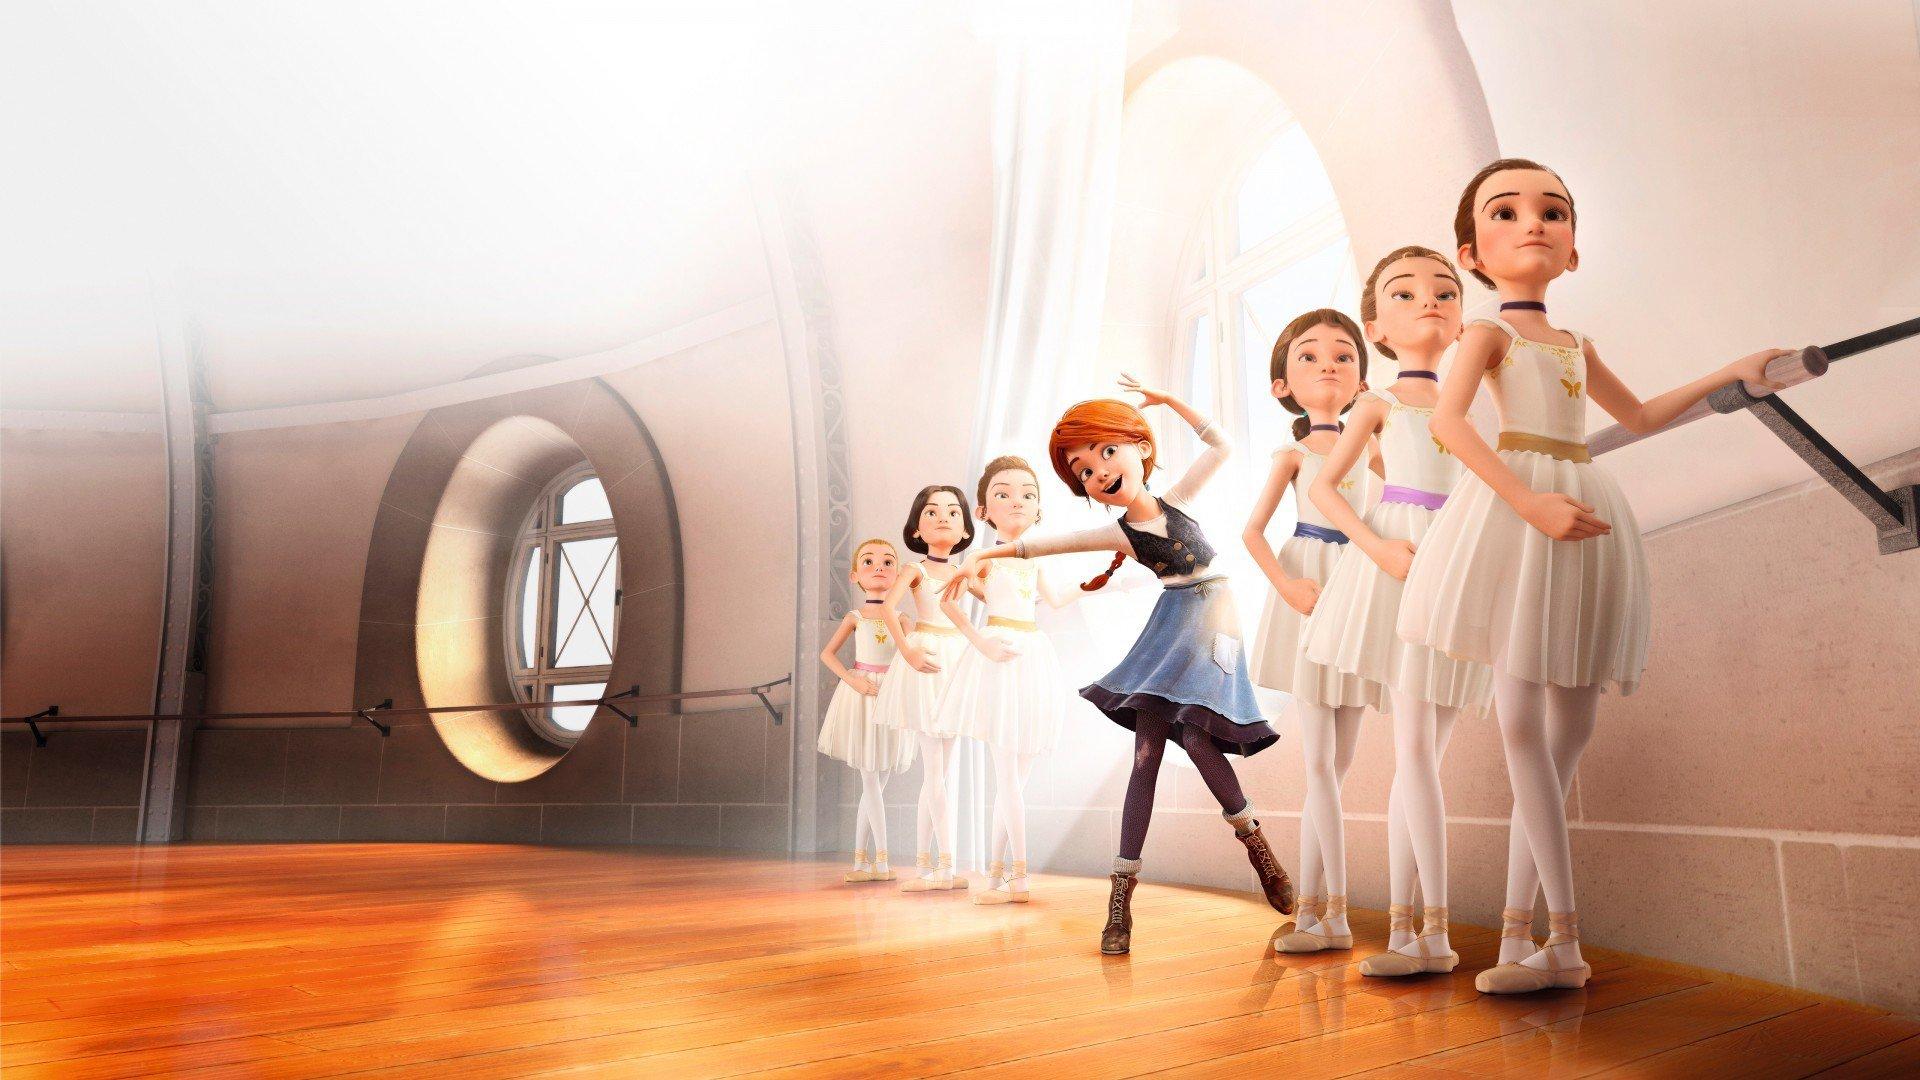 ورود کمپانی واینستین به انیمیشنسازی با کارتون جدیدی به نام «پَرش» Leap!